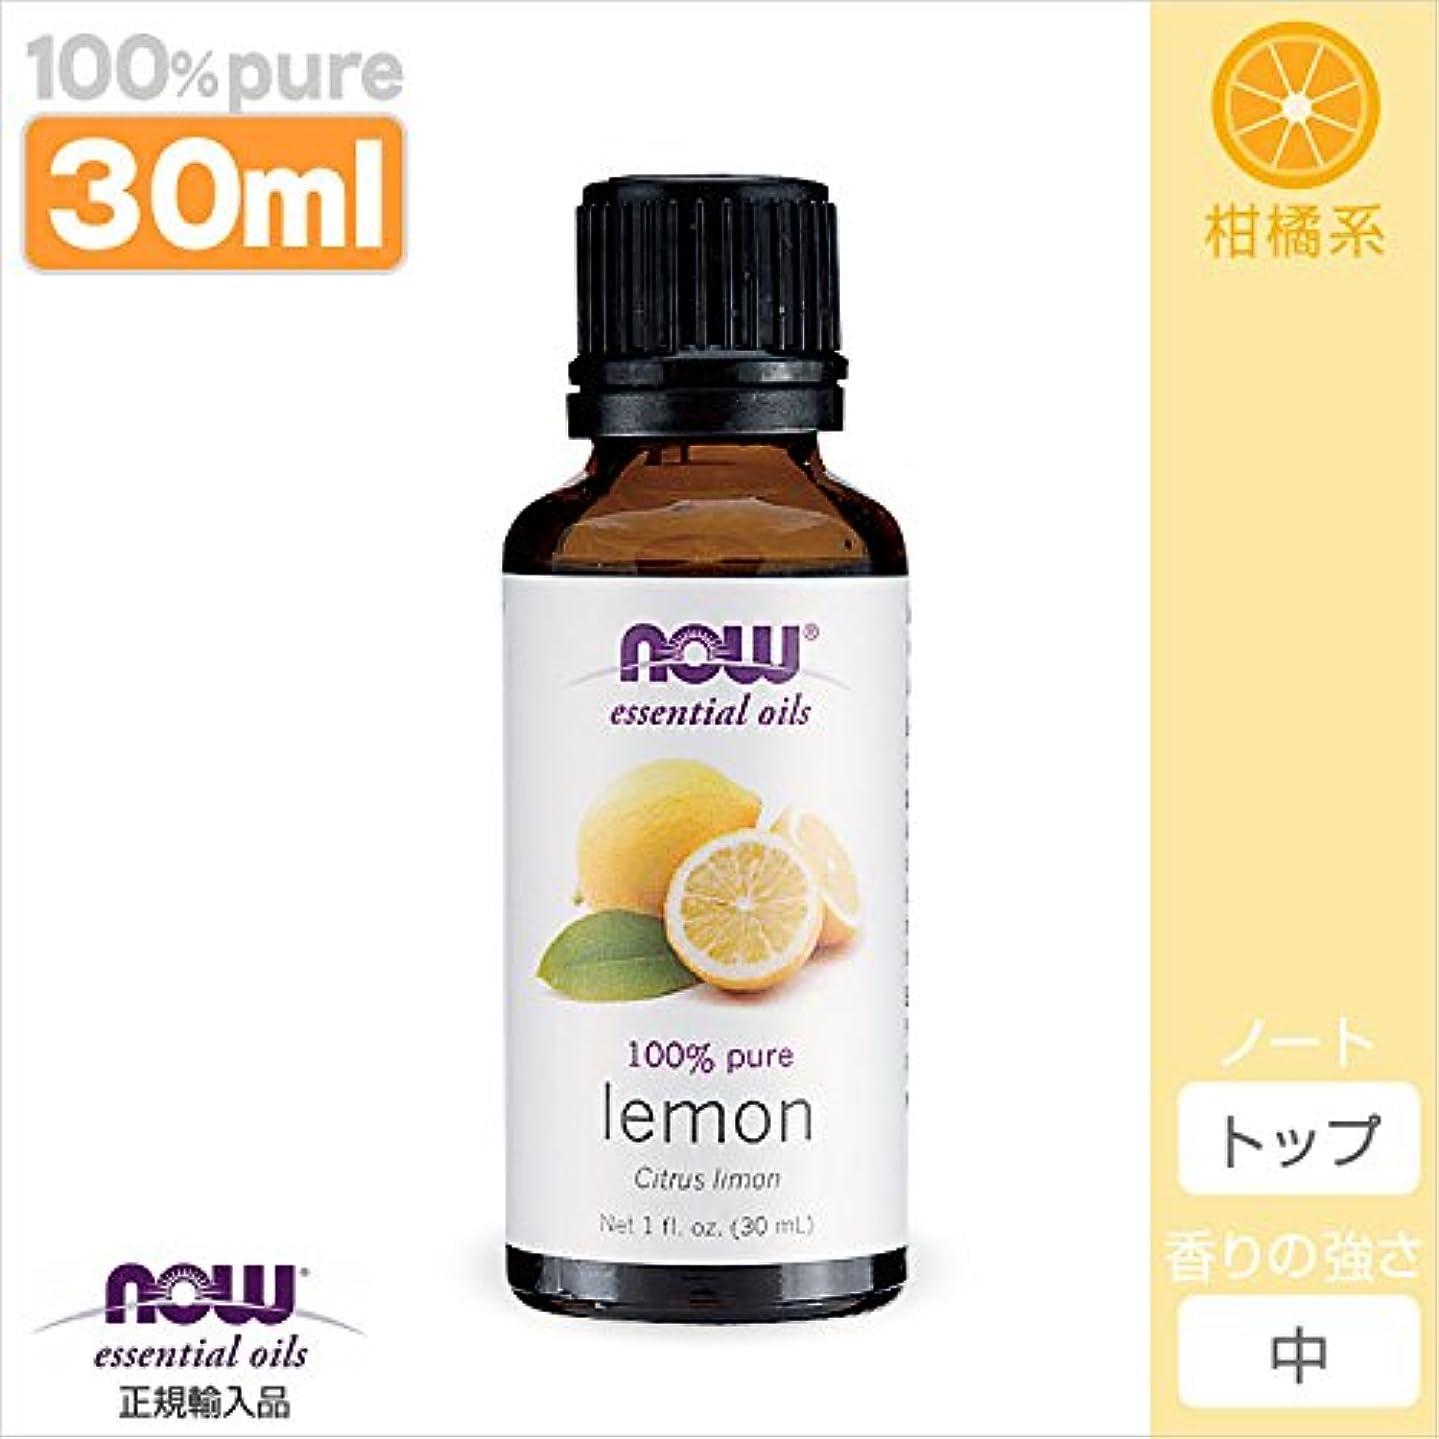 ローブ良さうがいレモン 精油[30ml] 【正規輸入品】 NOWエッセンシャルオイル(アロマオイル)